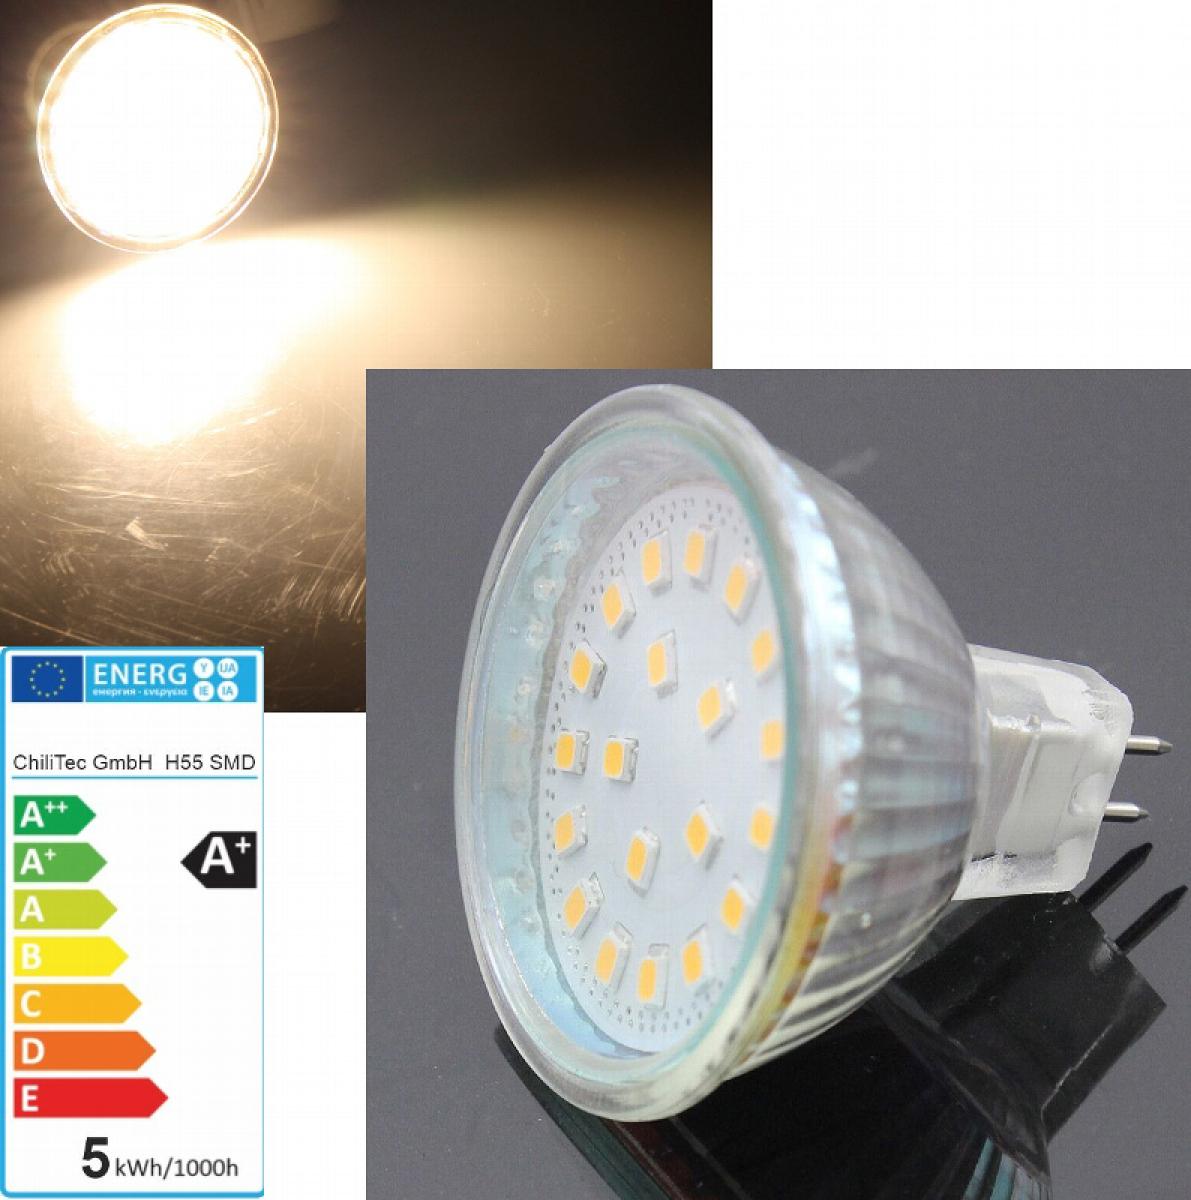 led leuchtmittel 12v mr16 warmwei 400lm 24 smd leds eek a l deke elektronic. Black Bedroom Furniture Sets. Home Design Ideas